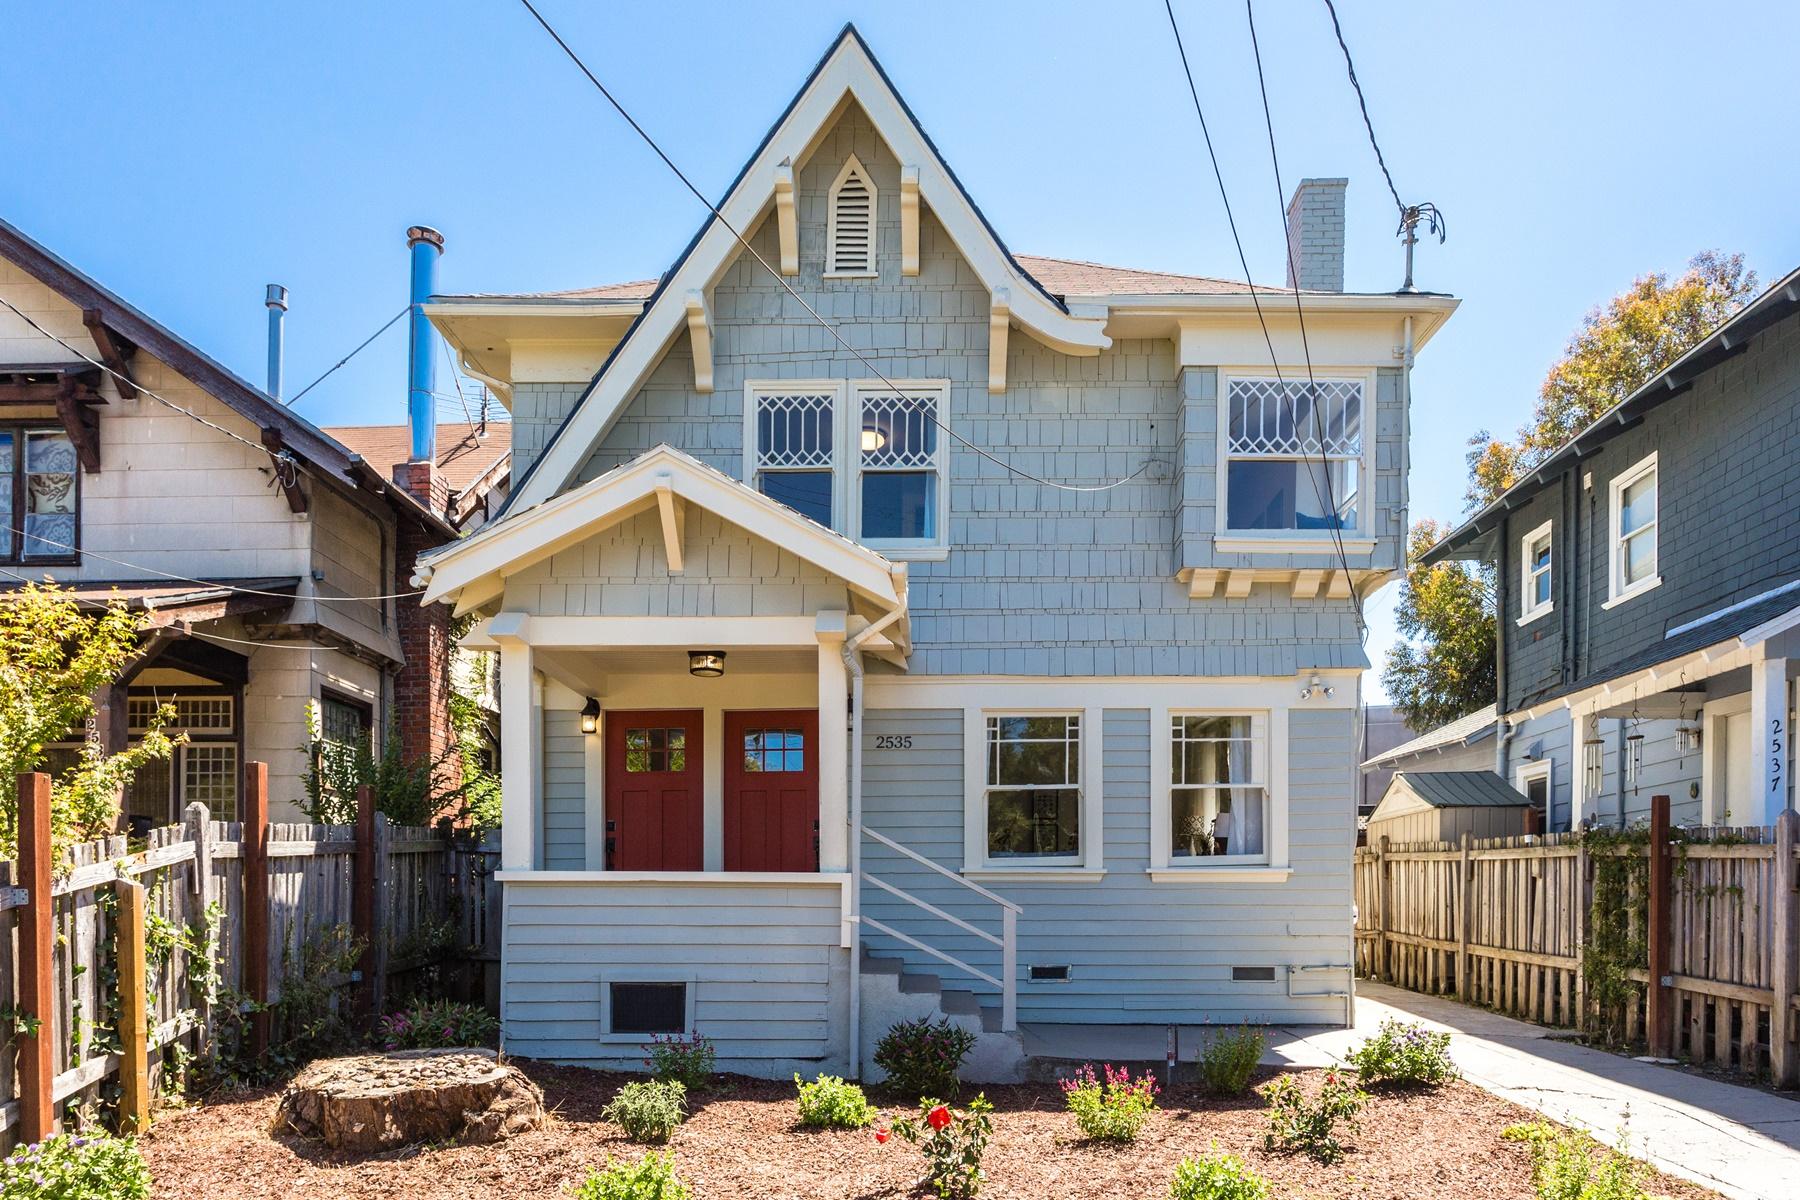 Vivienda unifamiliar por un Venta en Charming And Sunny Duplex 2535 Chilton Way Berkeley, California 94707 Estados Unidos